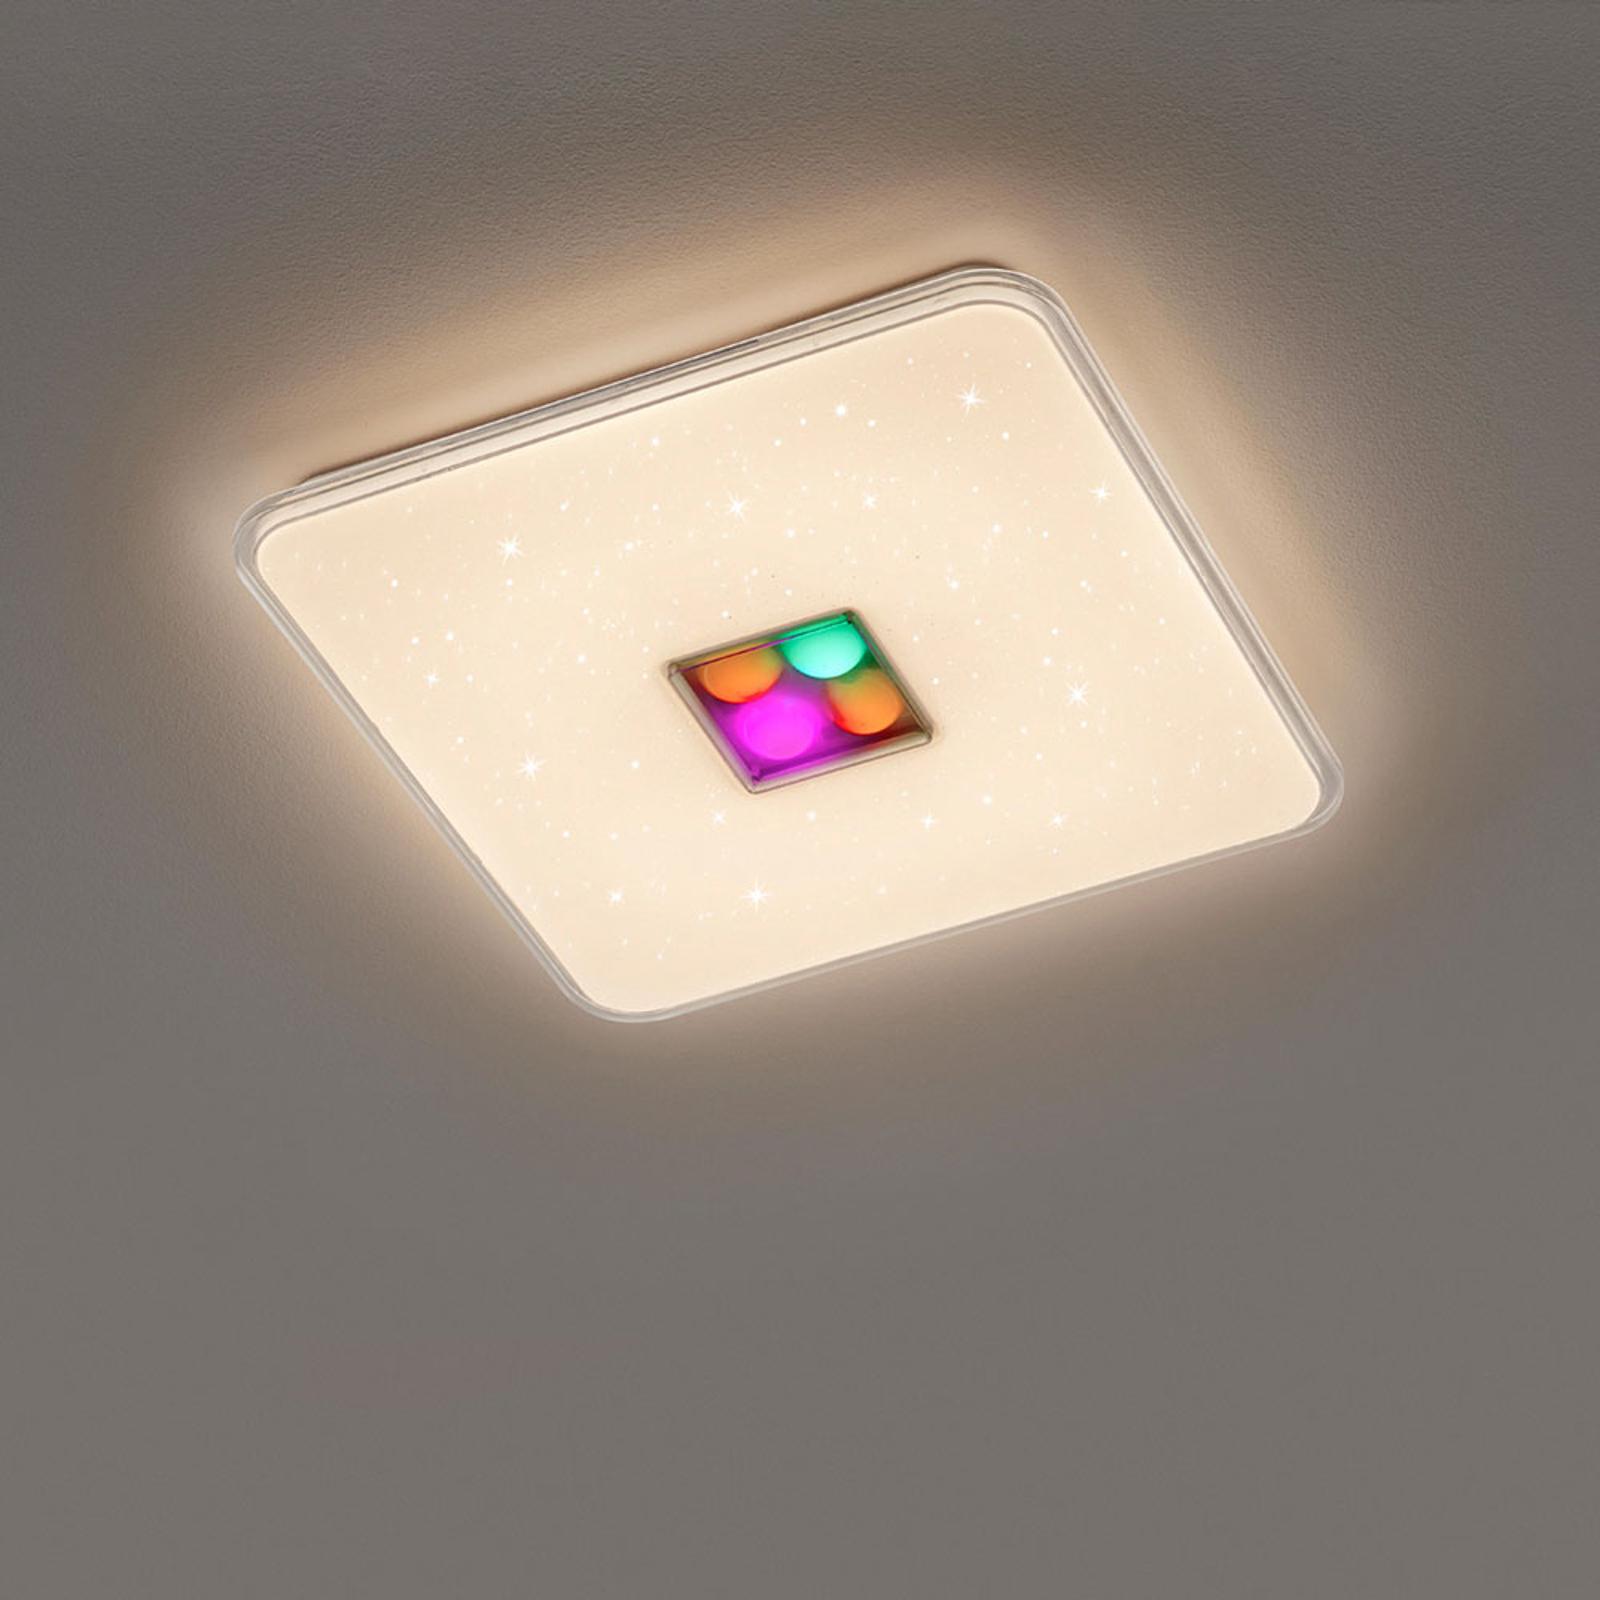 LED-kattovalaisin Ogasaki, RGBW, kaukosäädin, 42cm